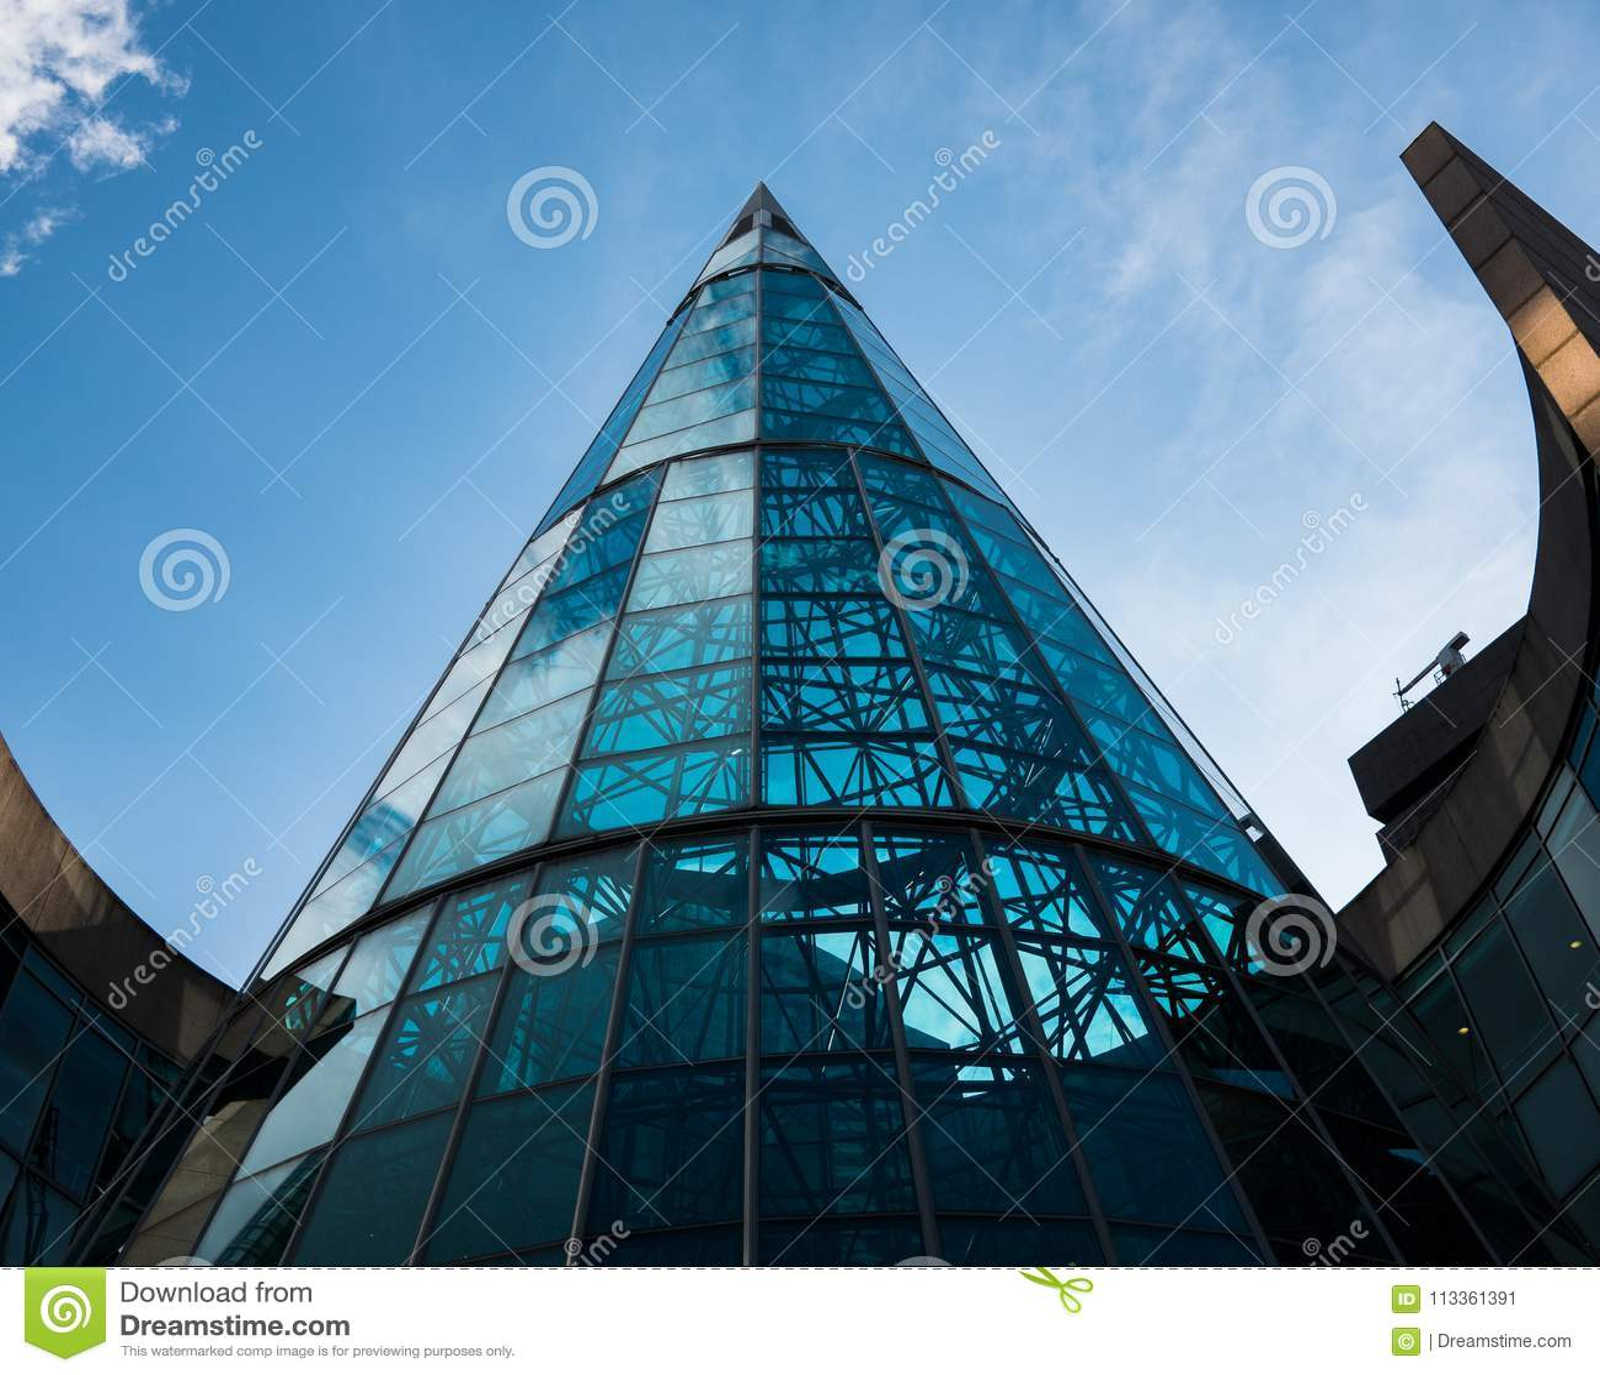 Bella architettura moderna su questa costruzione di vetro curva